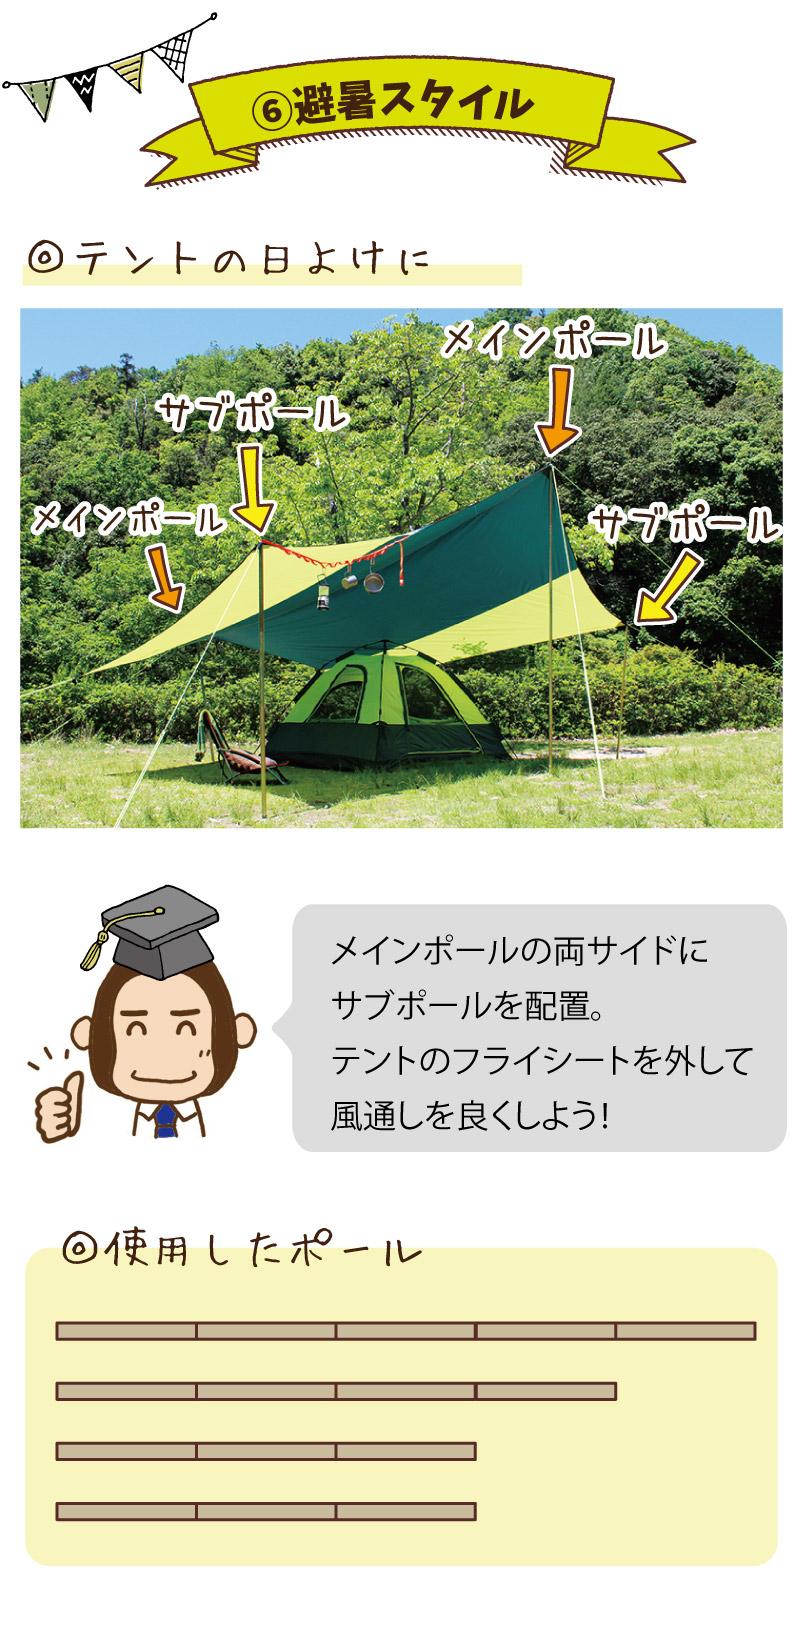 避暑スタイル|テントの日よけに。メインポールの両サイドにサブポールを配置。テントフライシートを外して風通しを良くしよう!